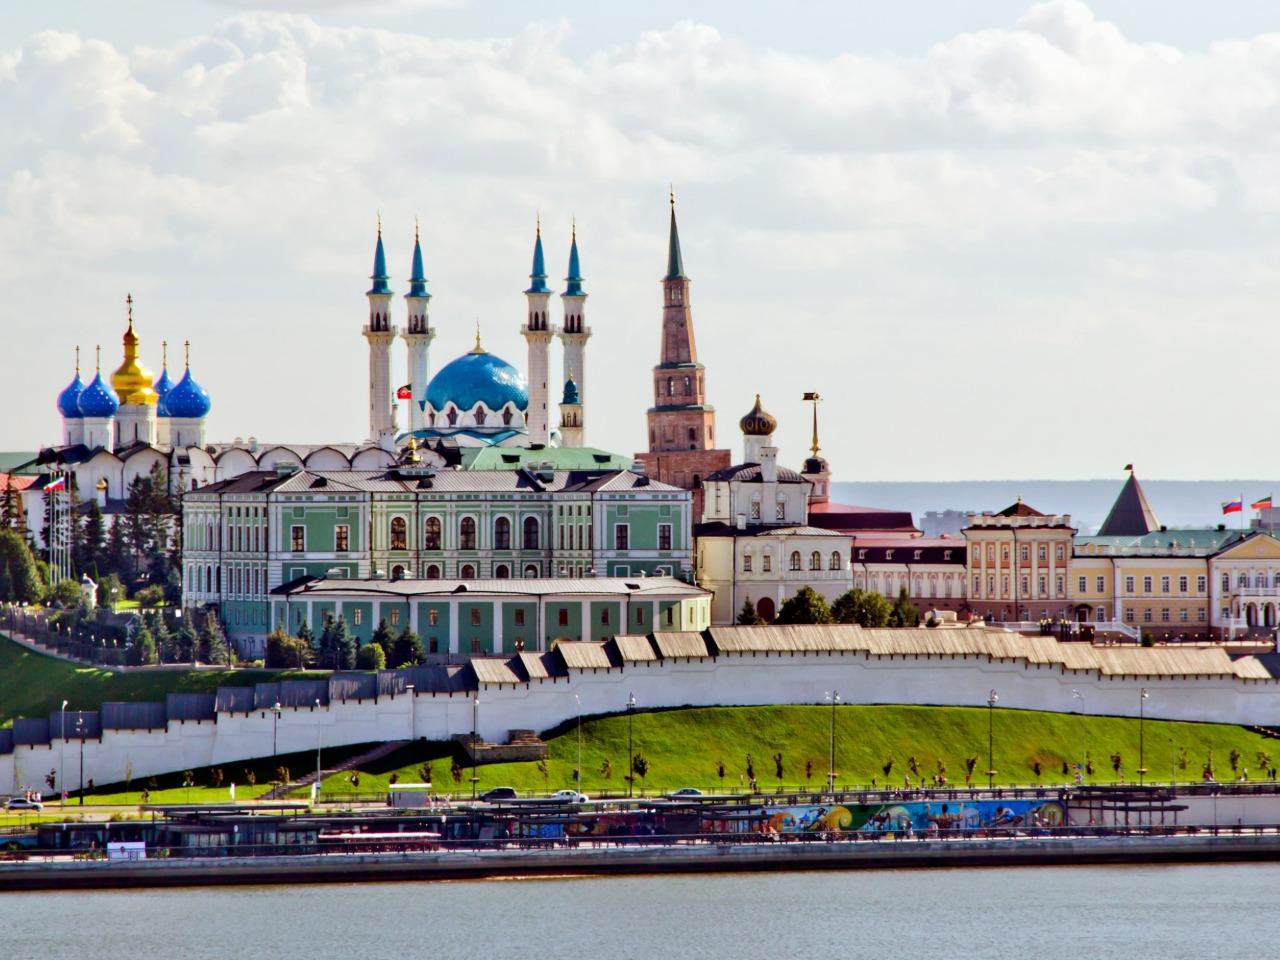 Обзорная по Казани - индивидуальная экскурсия в Казани от опытного гида